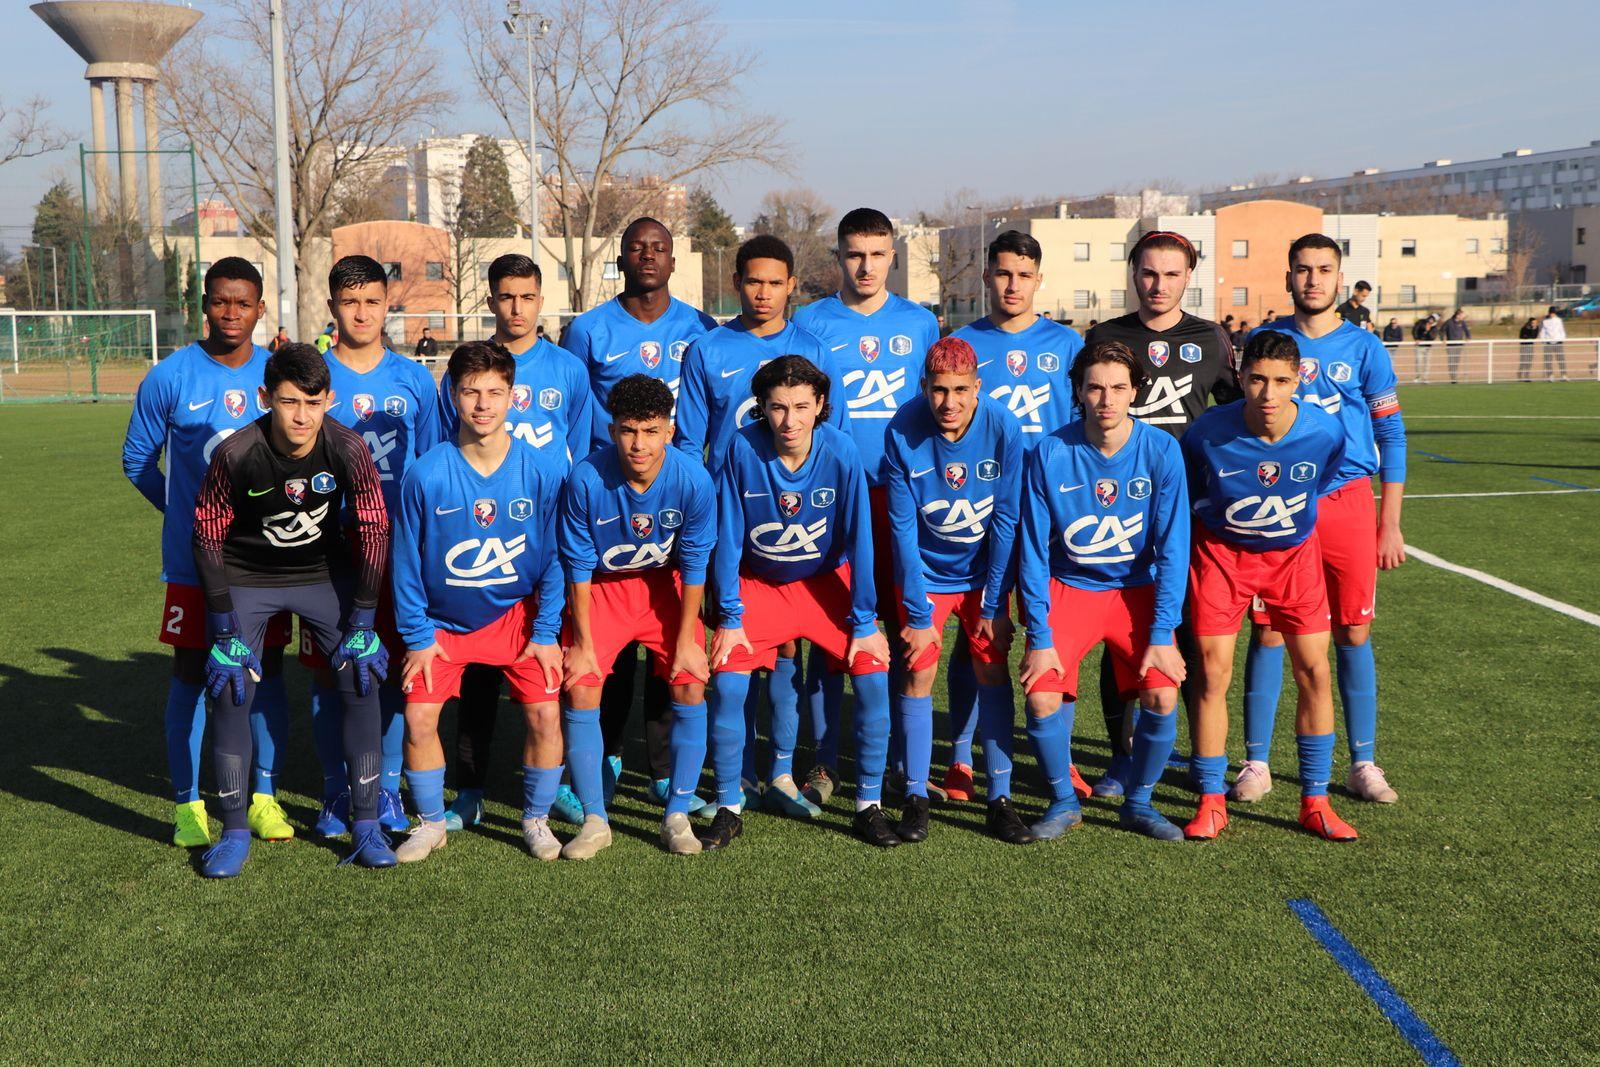 Les U18 de Vénissieux FC seront opposés au centre de formation de Dijon FCO